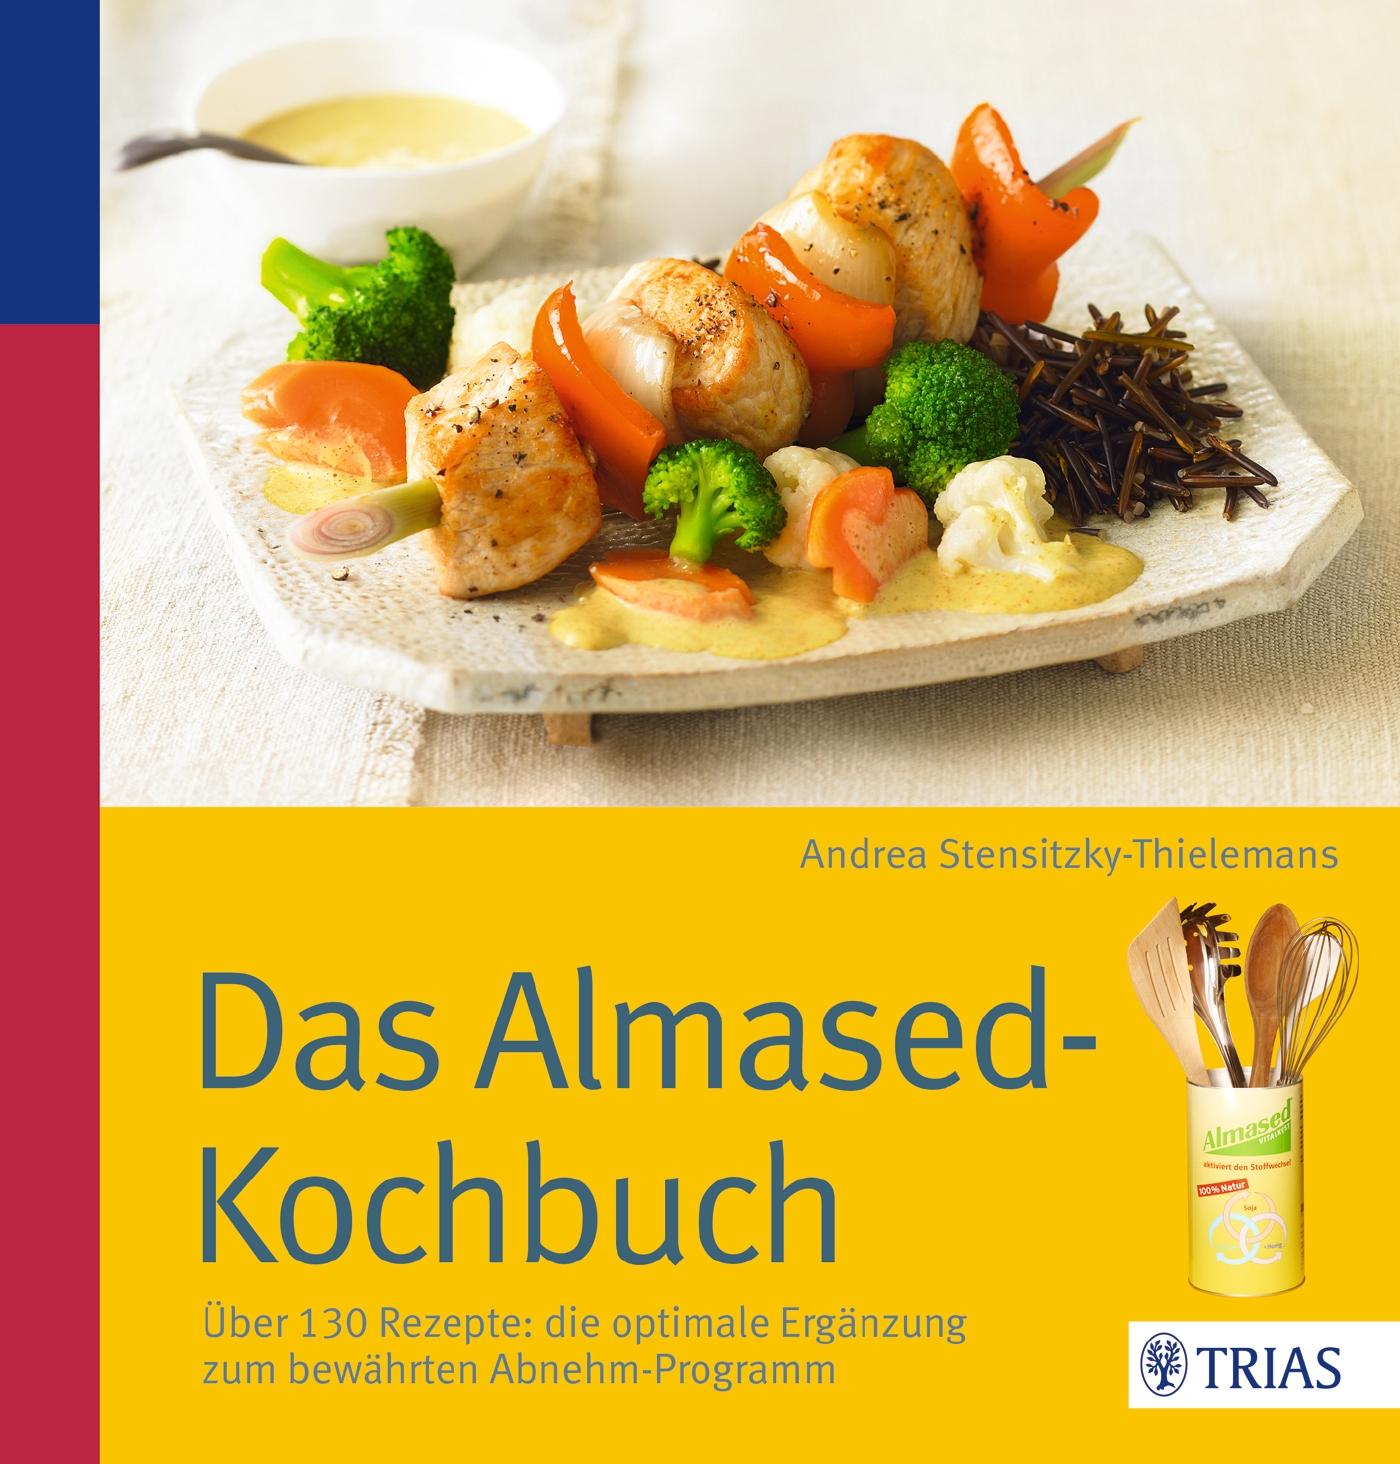 Das Almased-Kochbuch: Über 130 Rezepte: die optimale Ergänzung zum bewährten Abnehm-Programm - Andrea Stensitzky-Thielem